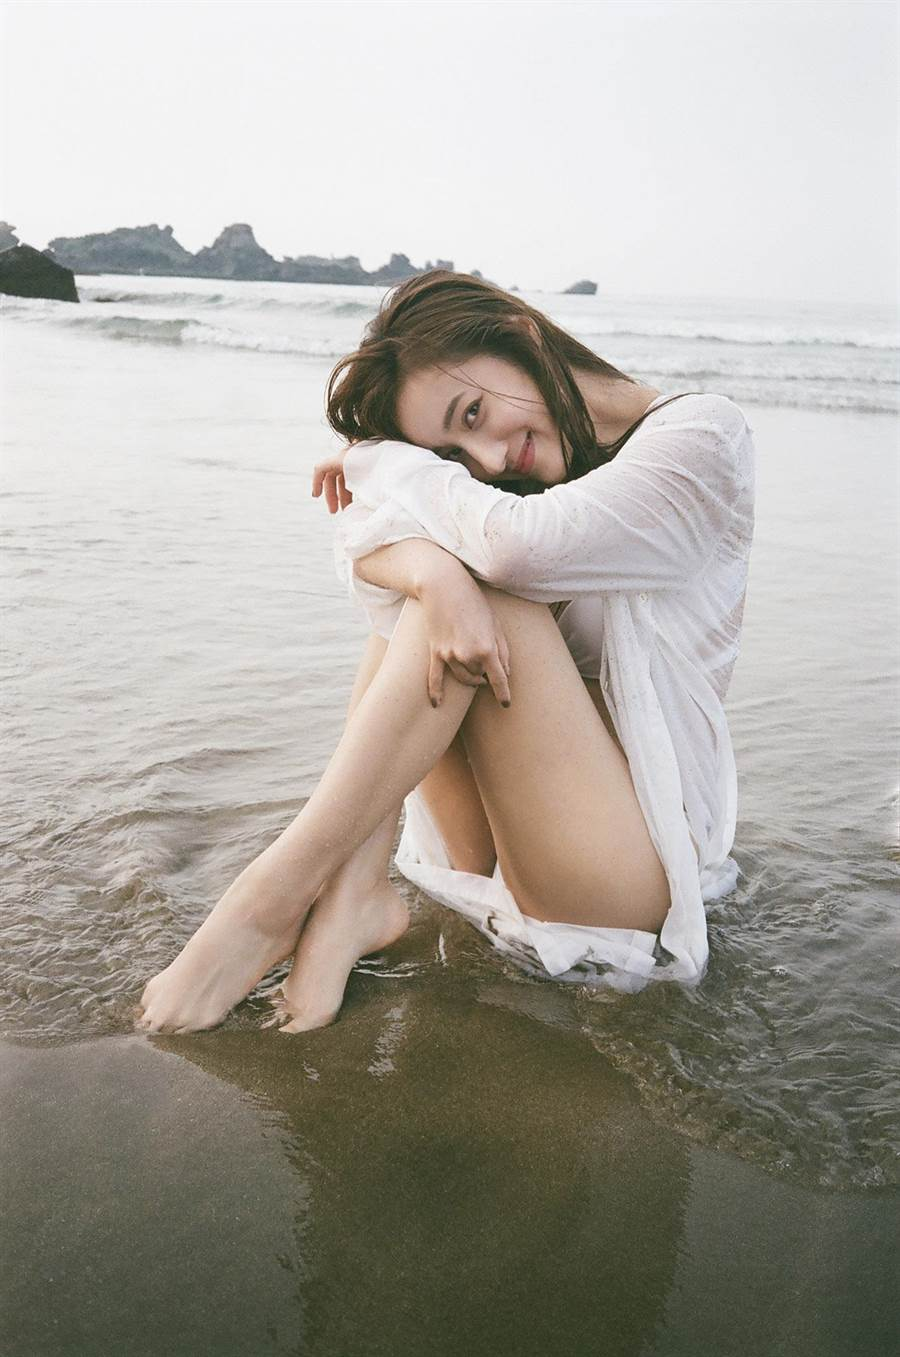 夏宇禾解放E奶露辣腿。(GQ提供)